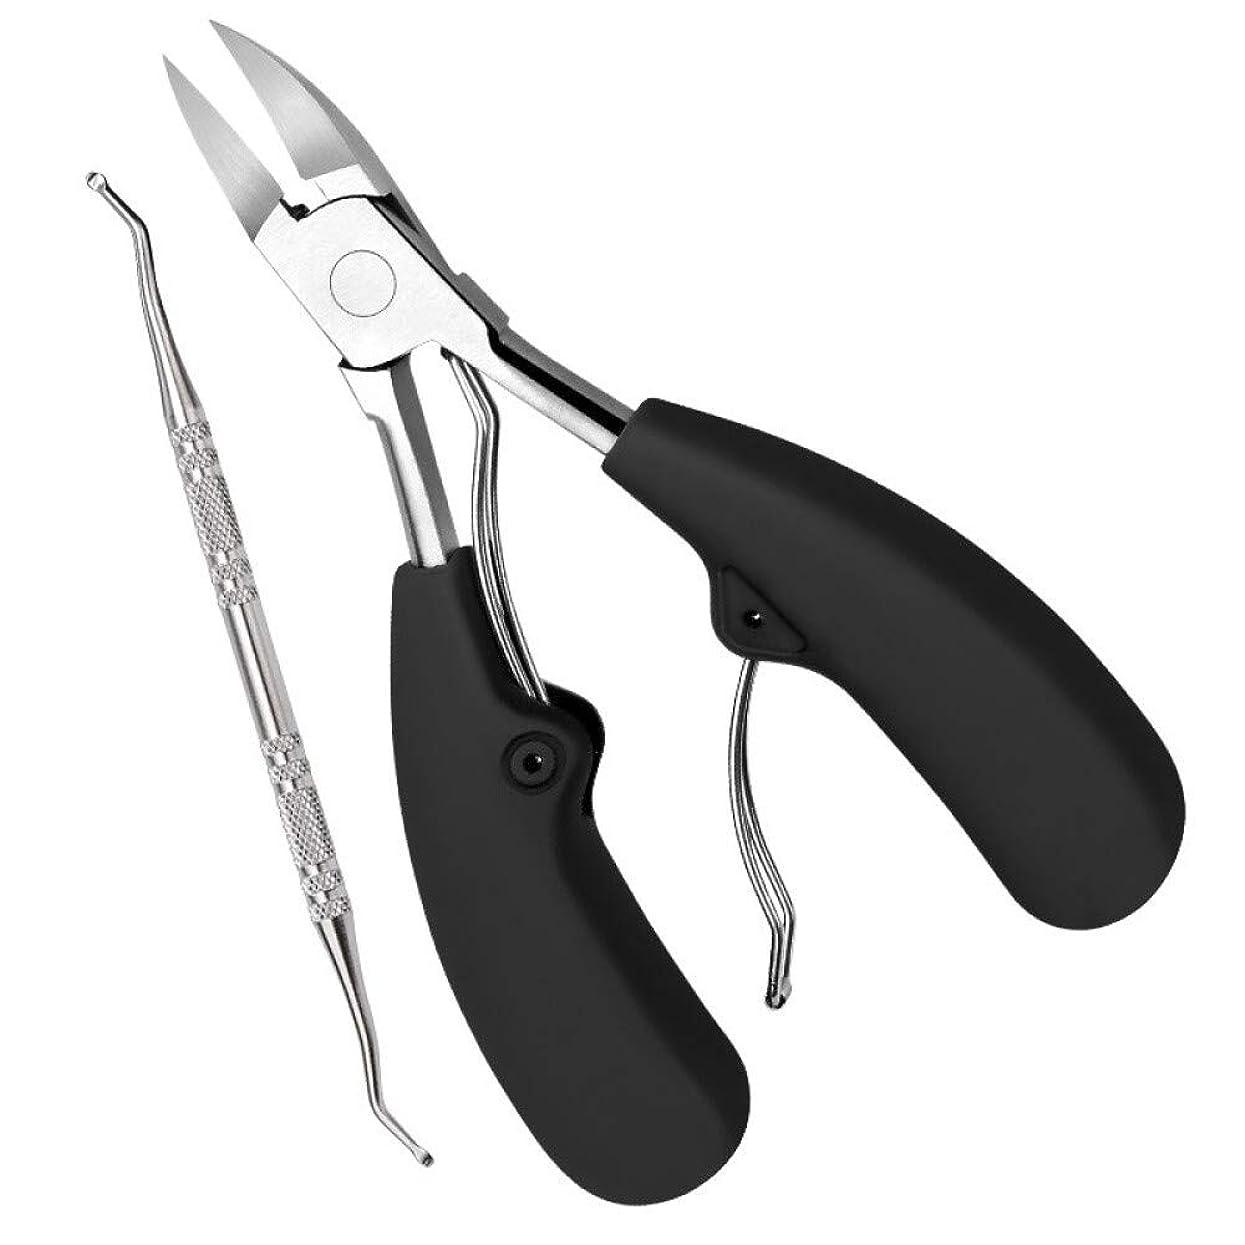 バイバイ縮約ハンマーはさみ用の爪切り爪切り用ステンレススチール爪切りグレーイーグル口のクランプ厚いハードアーマーマニキュアナイフペディキュアツール炎症インレイピンセット